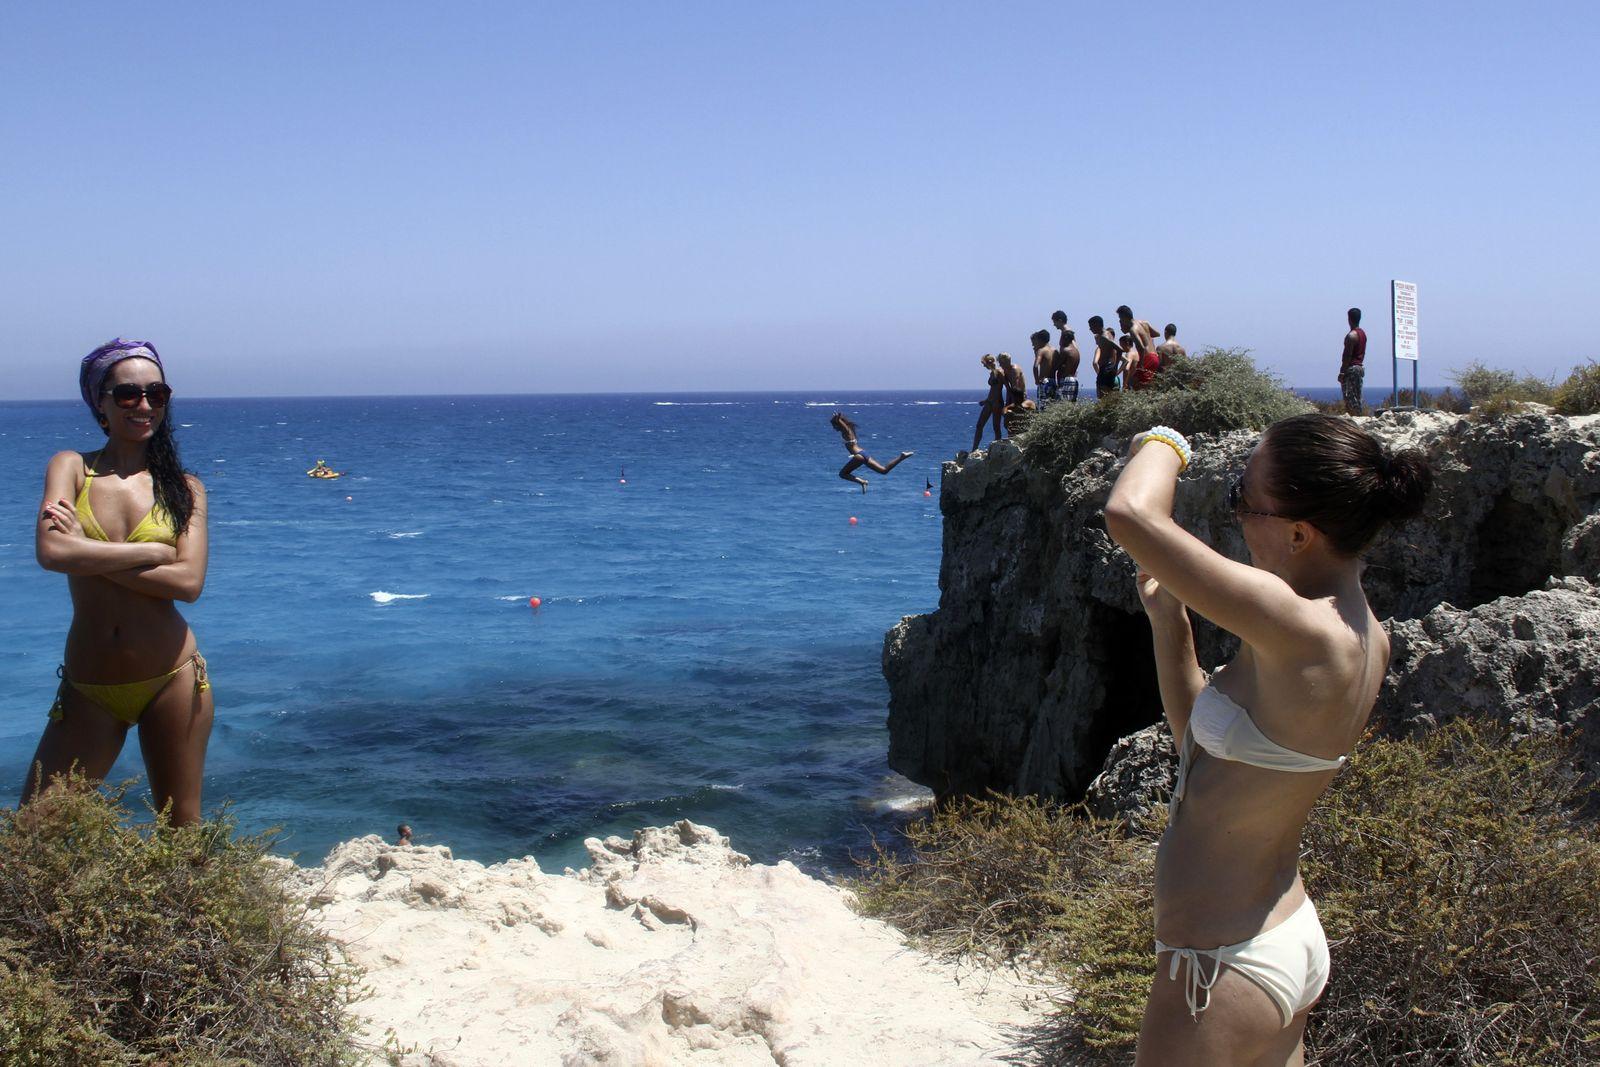 NICHT MEHR VERWENDEN! - Tourismus Zypern / Steilküste Lacarna